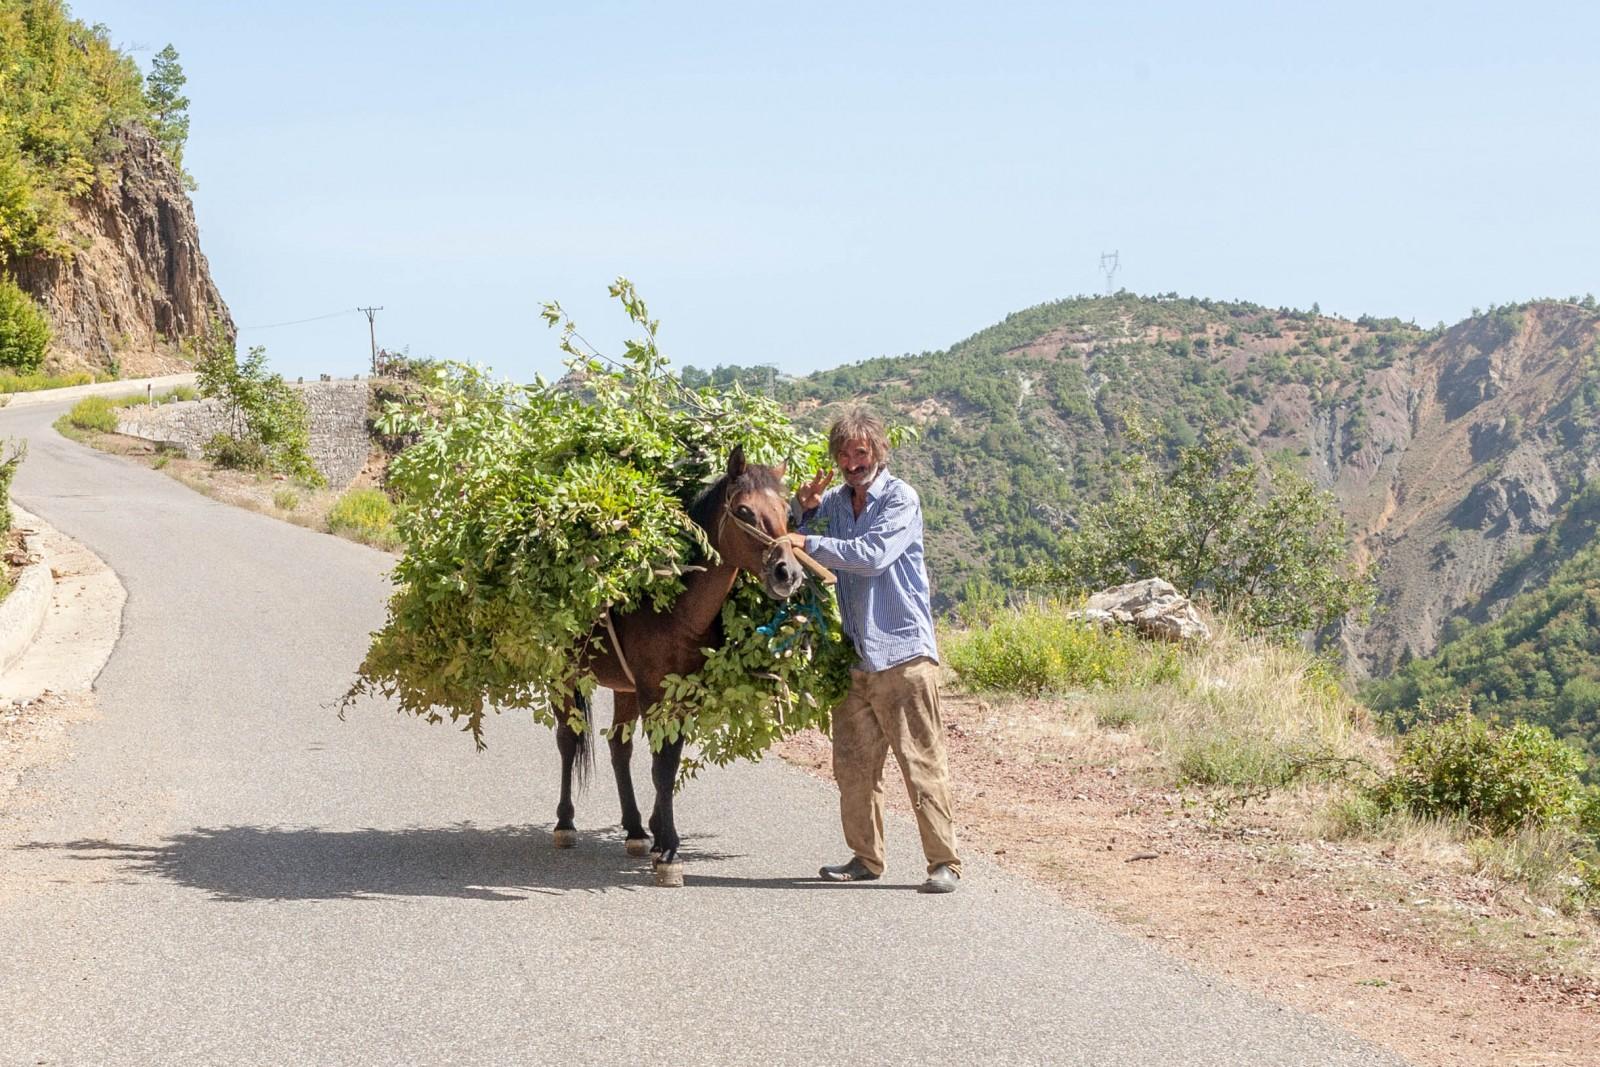 Chlapík s koněm